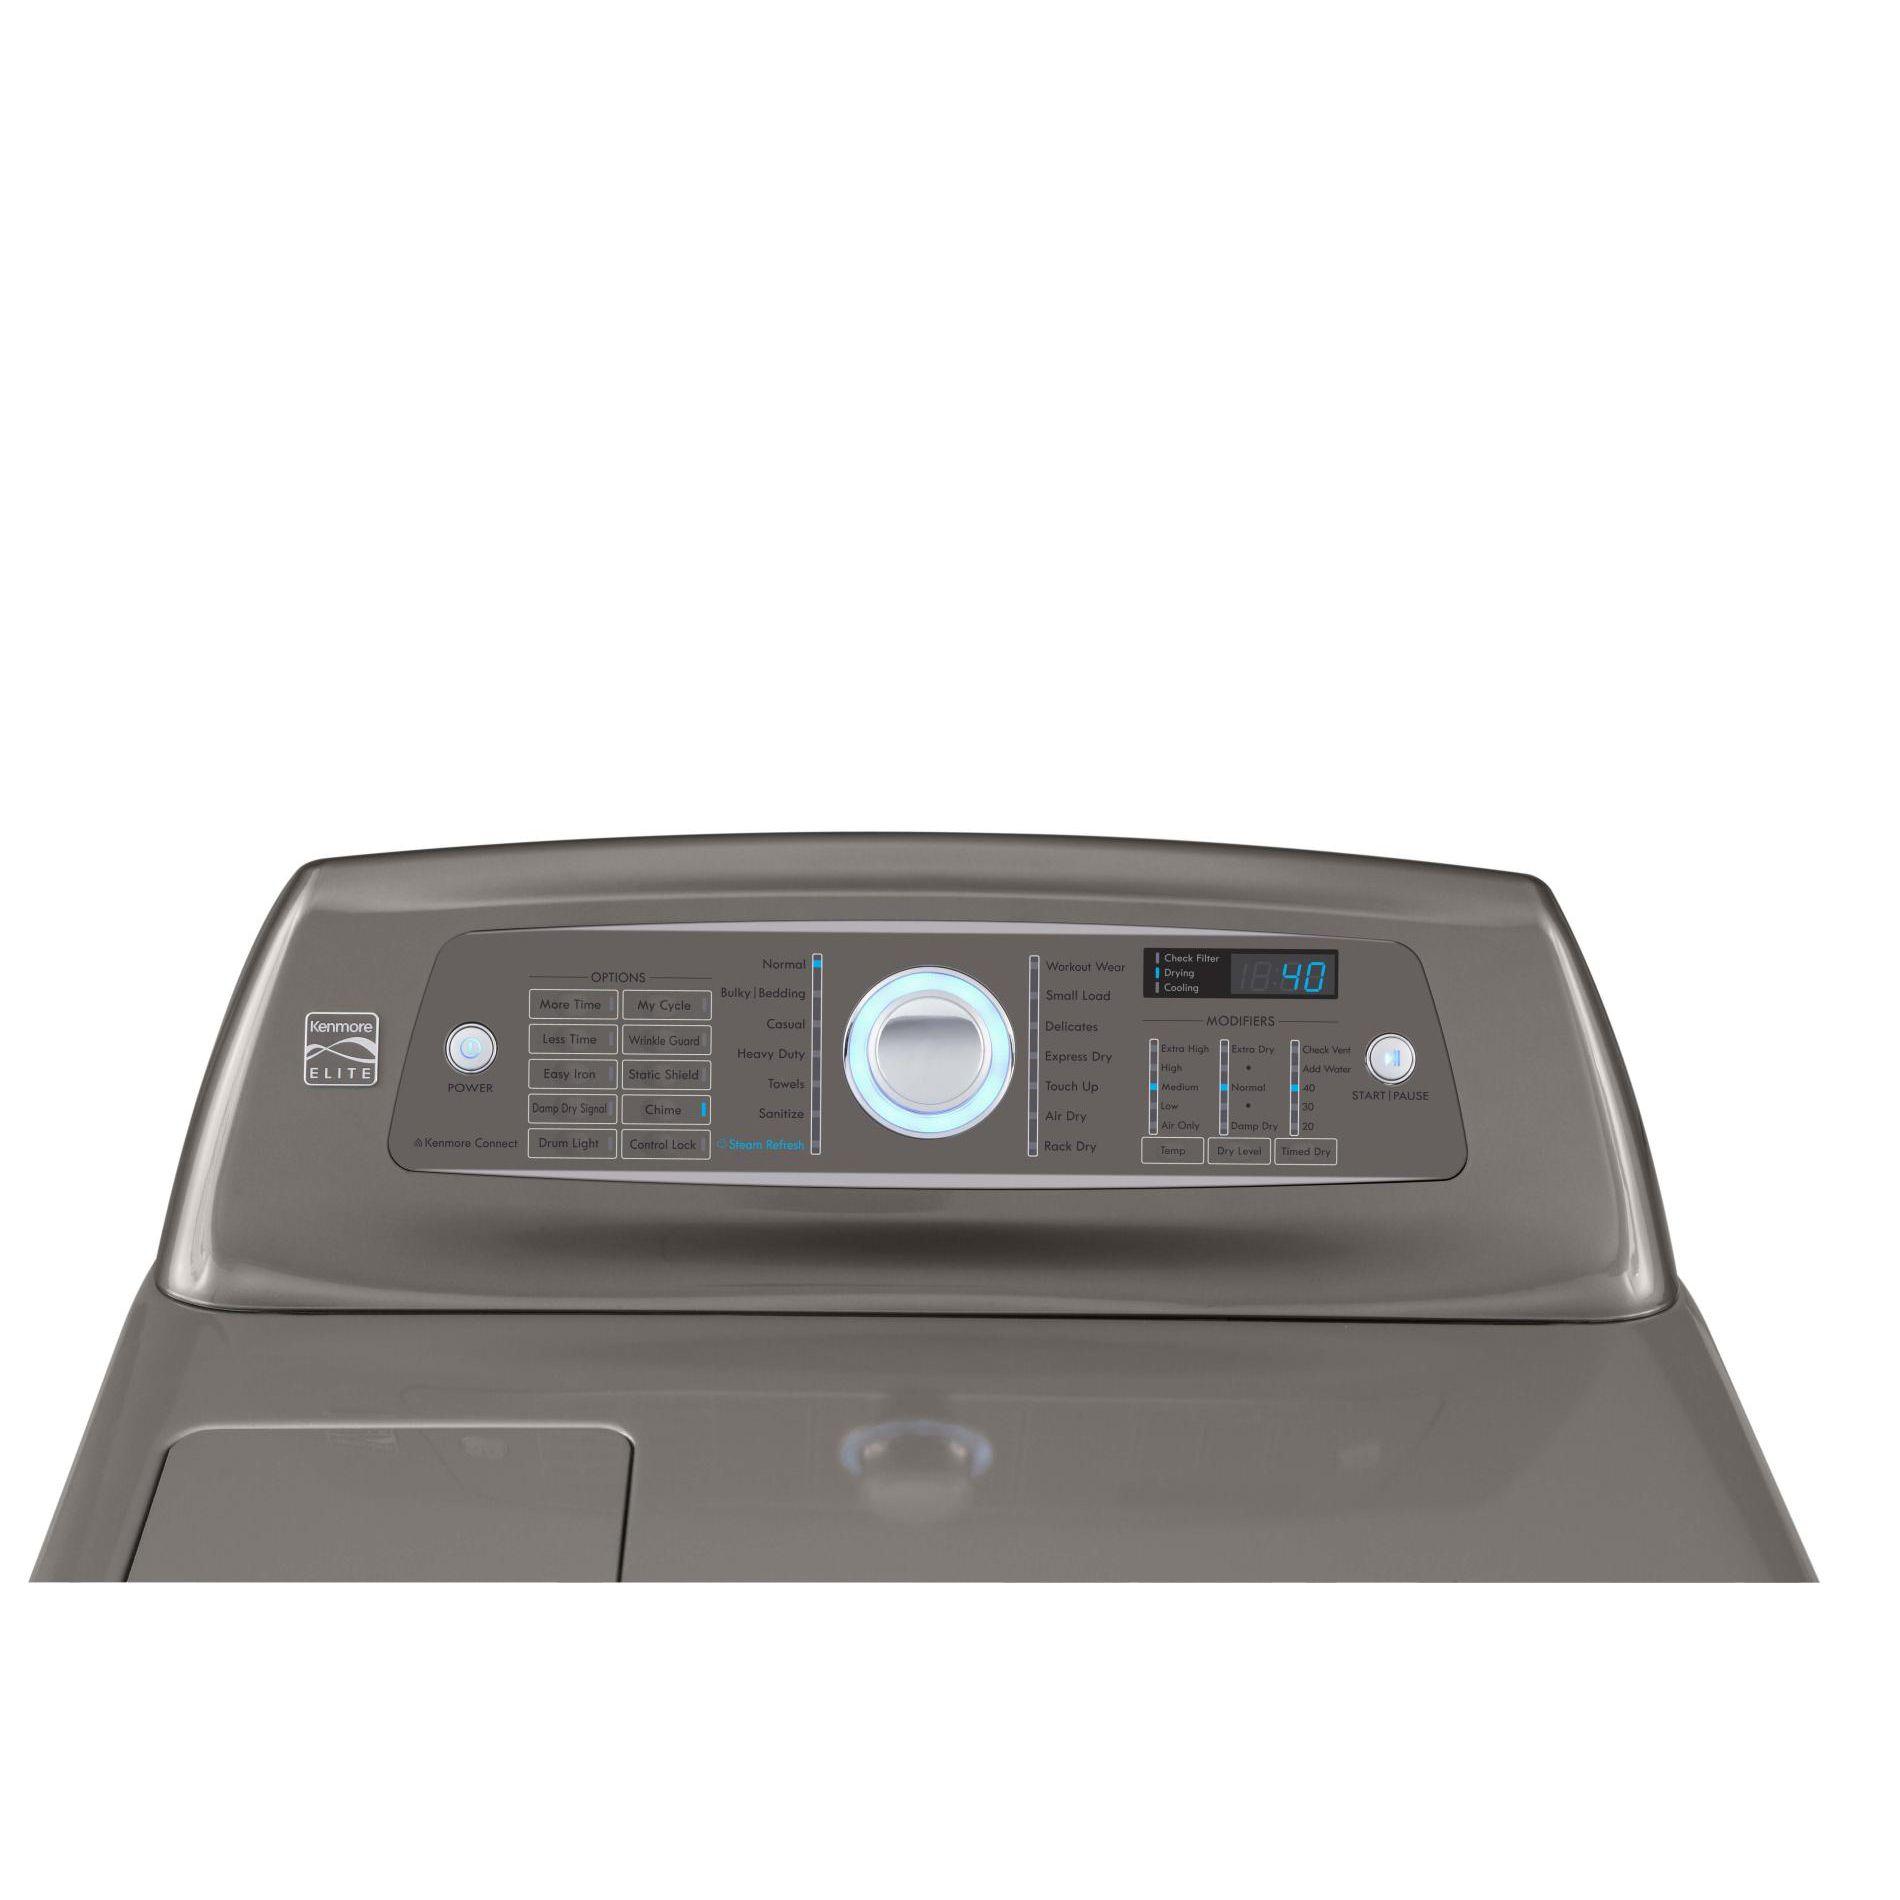 Kenmore Elite 7.3 cu. ft. Gas Dryer - Metallic